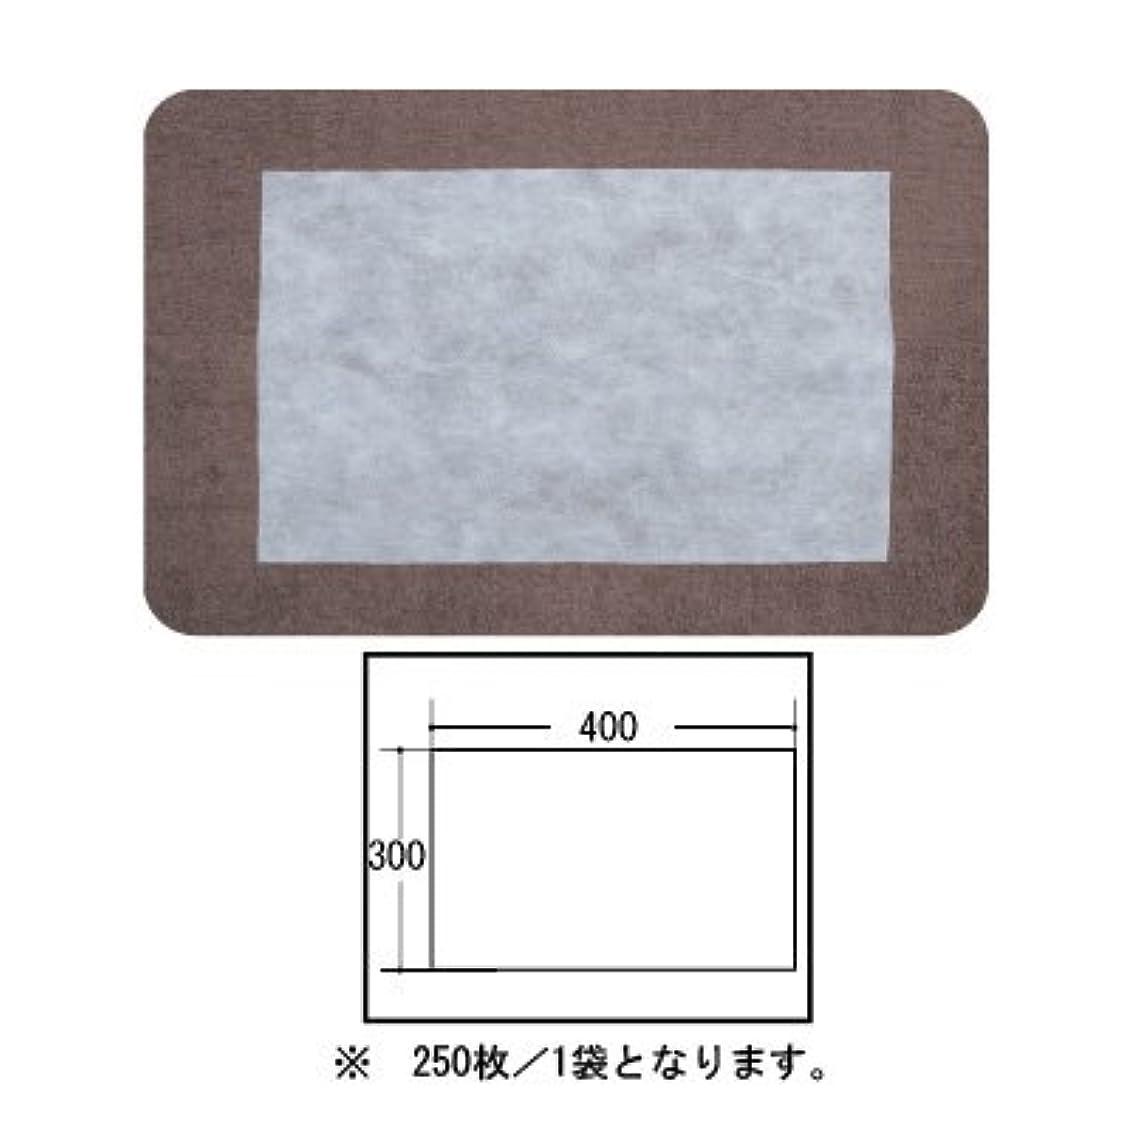 救援努力農民(ロータス)LOTUS 日本製 ピロカバー カット無し 250枚入 業務用 マルチな不織布カバー